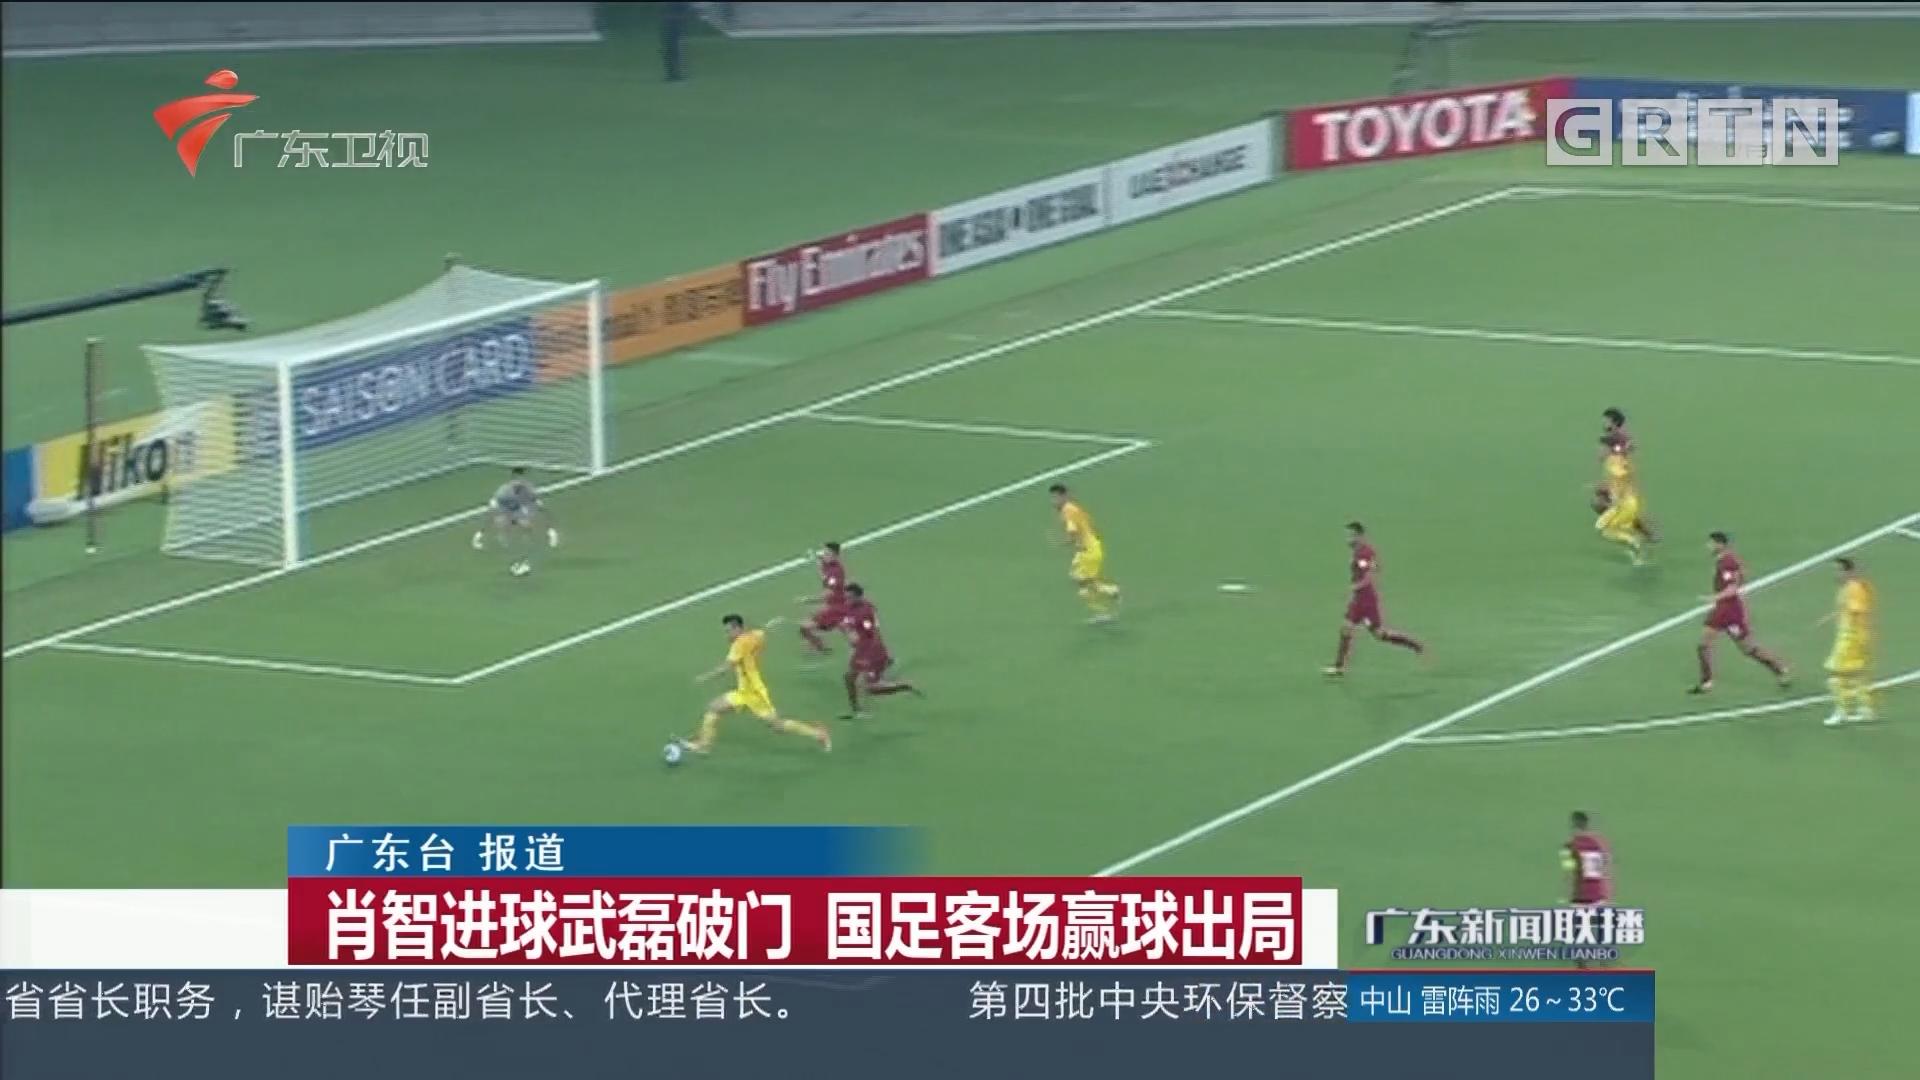 肖智进球武磊破门 国足客场赢球出局